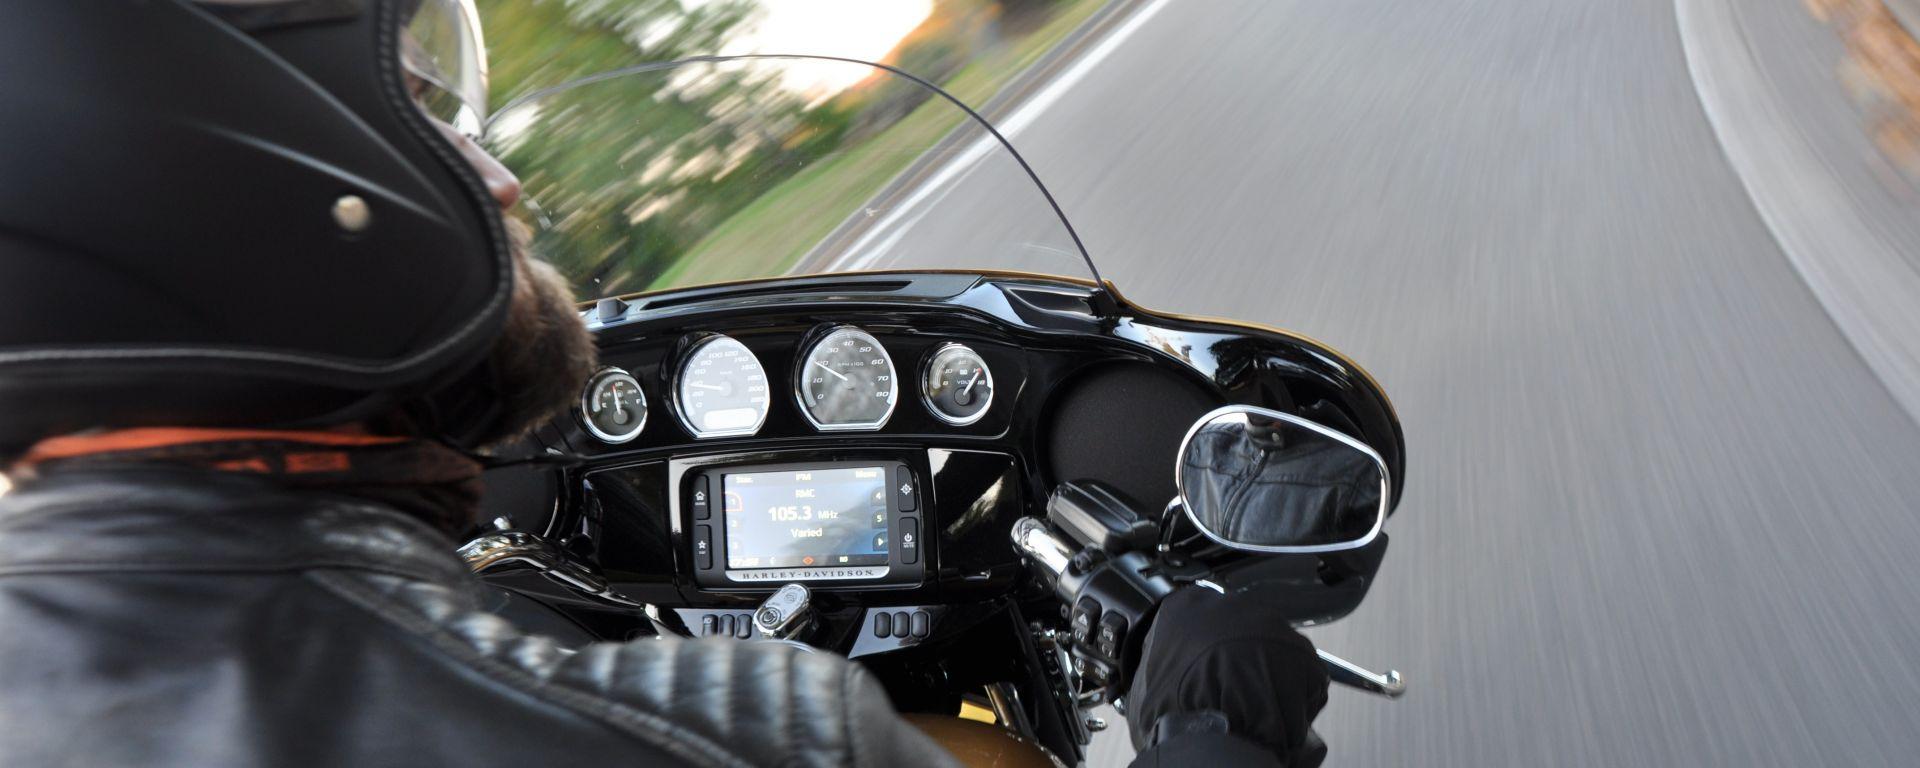 Harley-Davidson Ultra Limited 2017: la prova del nuovo motore